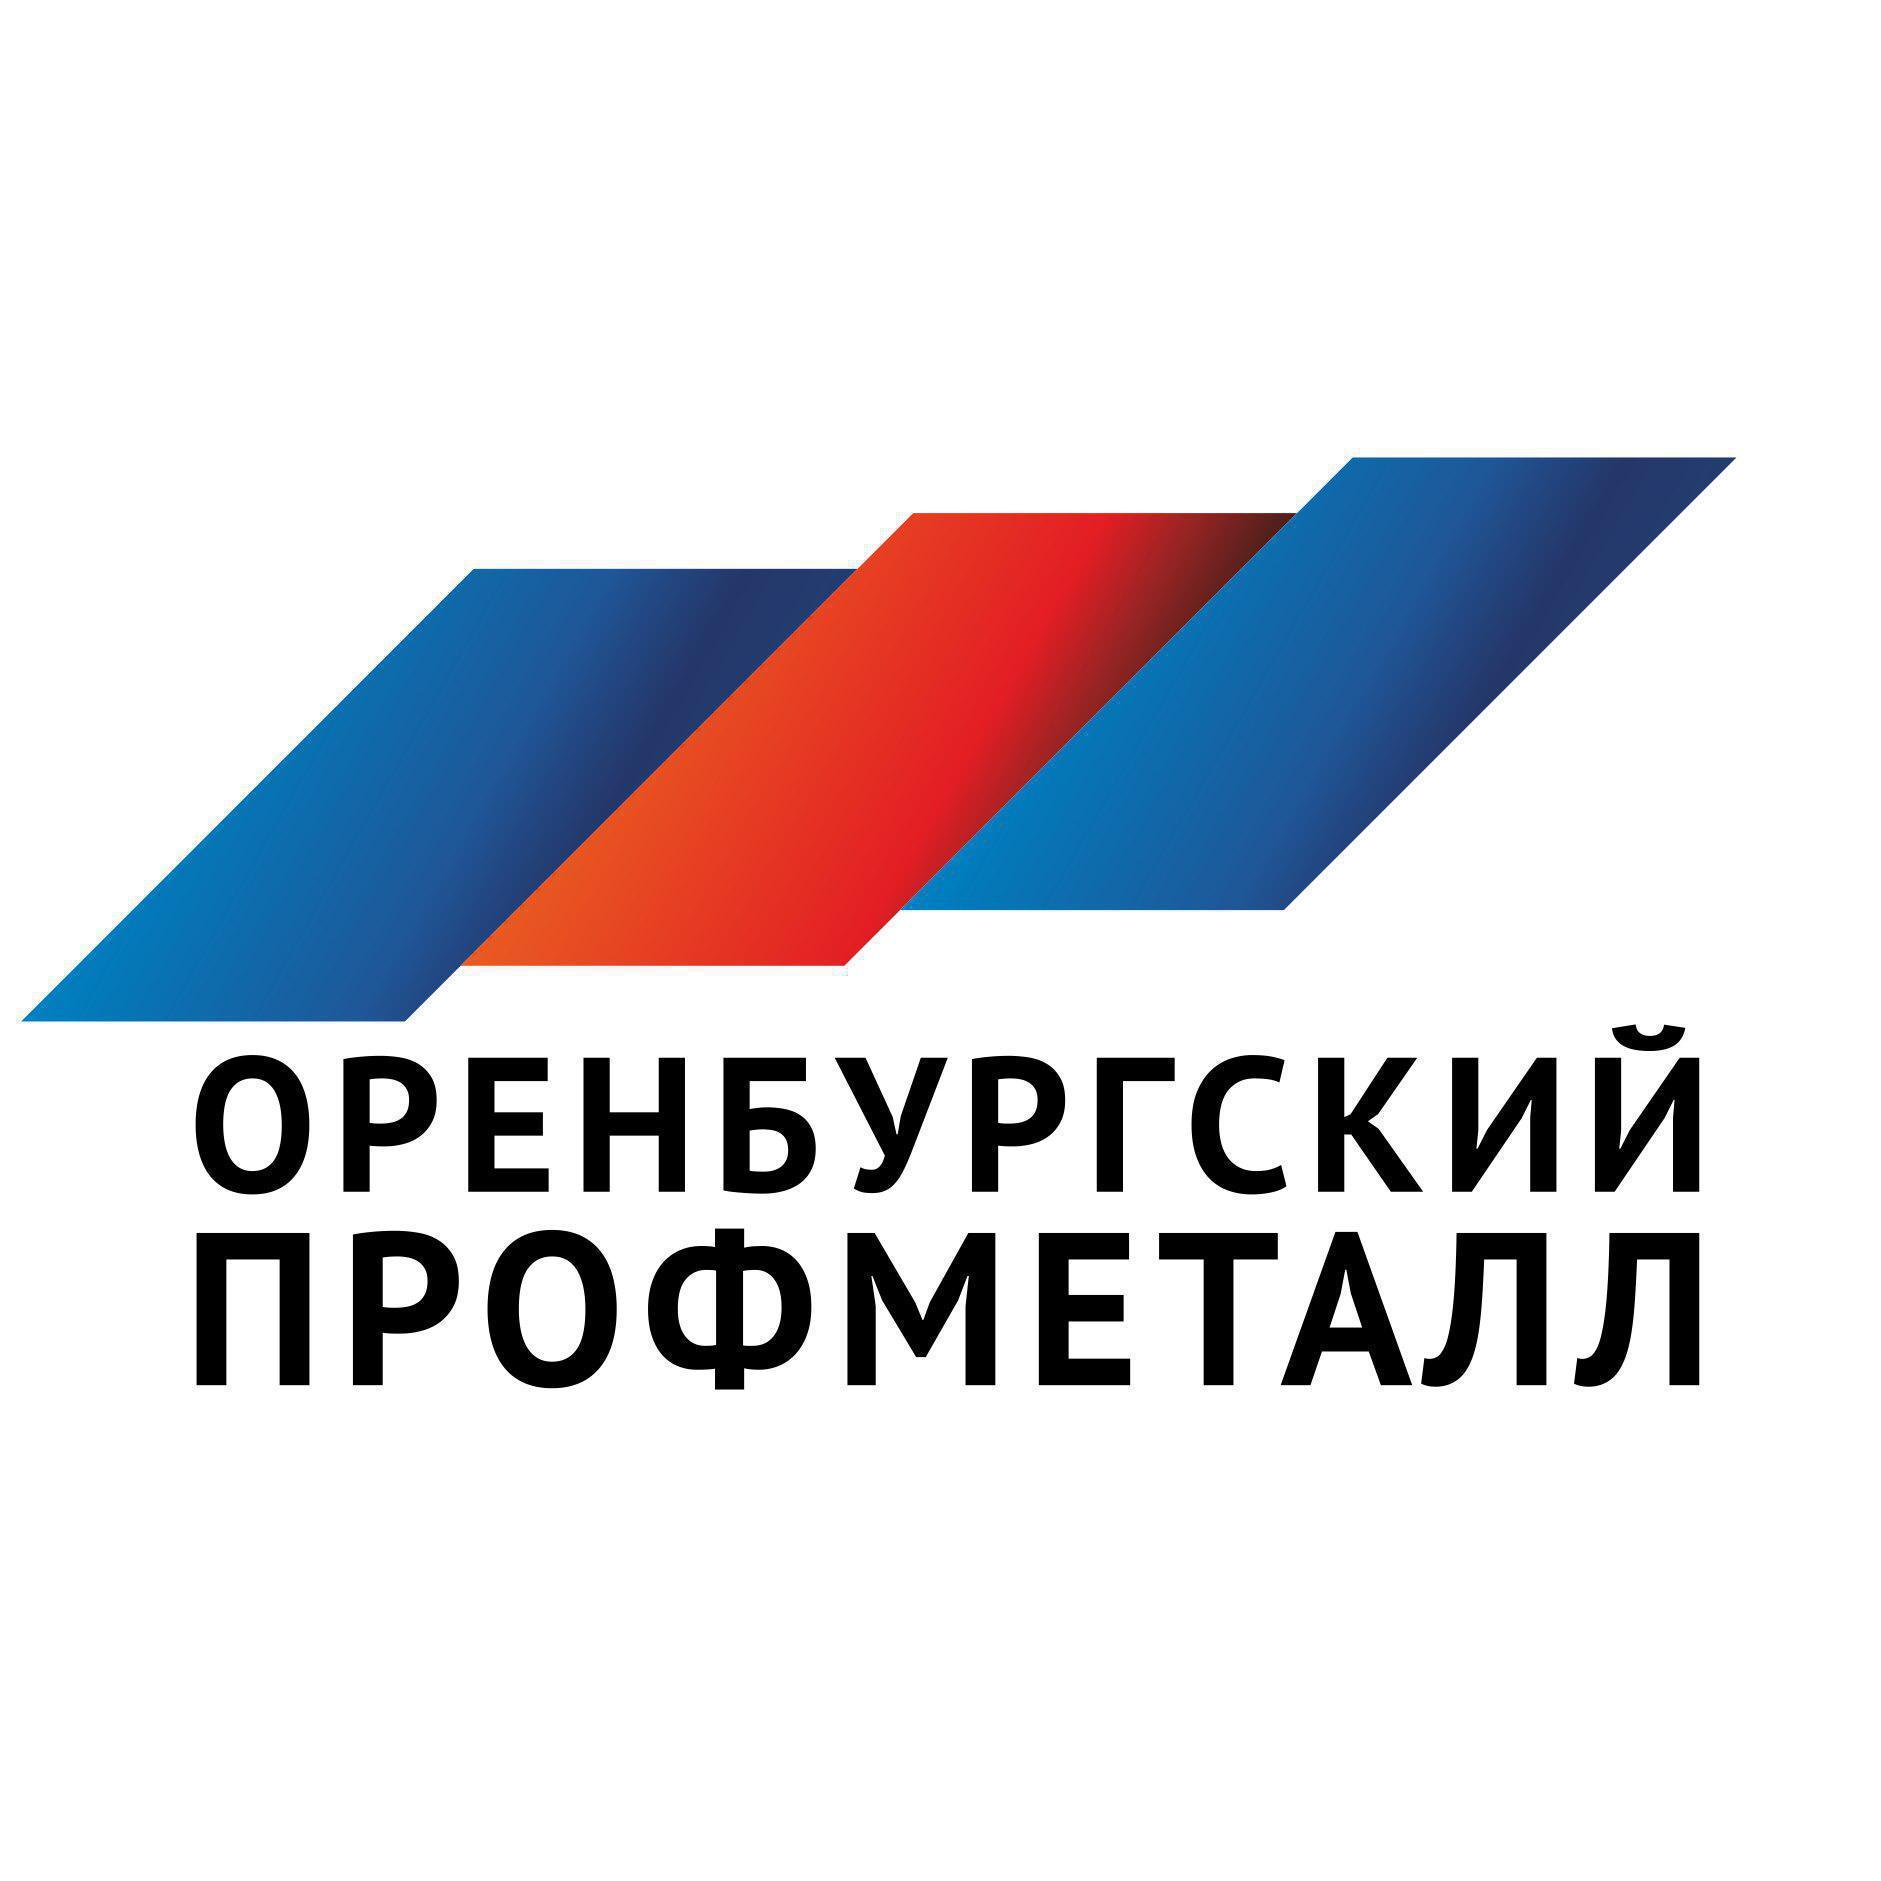 Сайты строительных компаний оренбурга сайты для создания клипов бесплатно